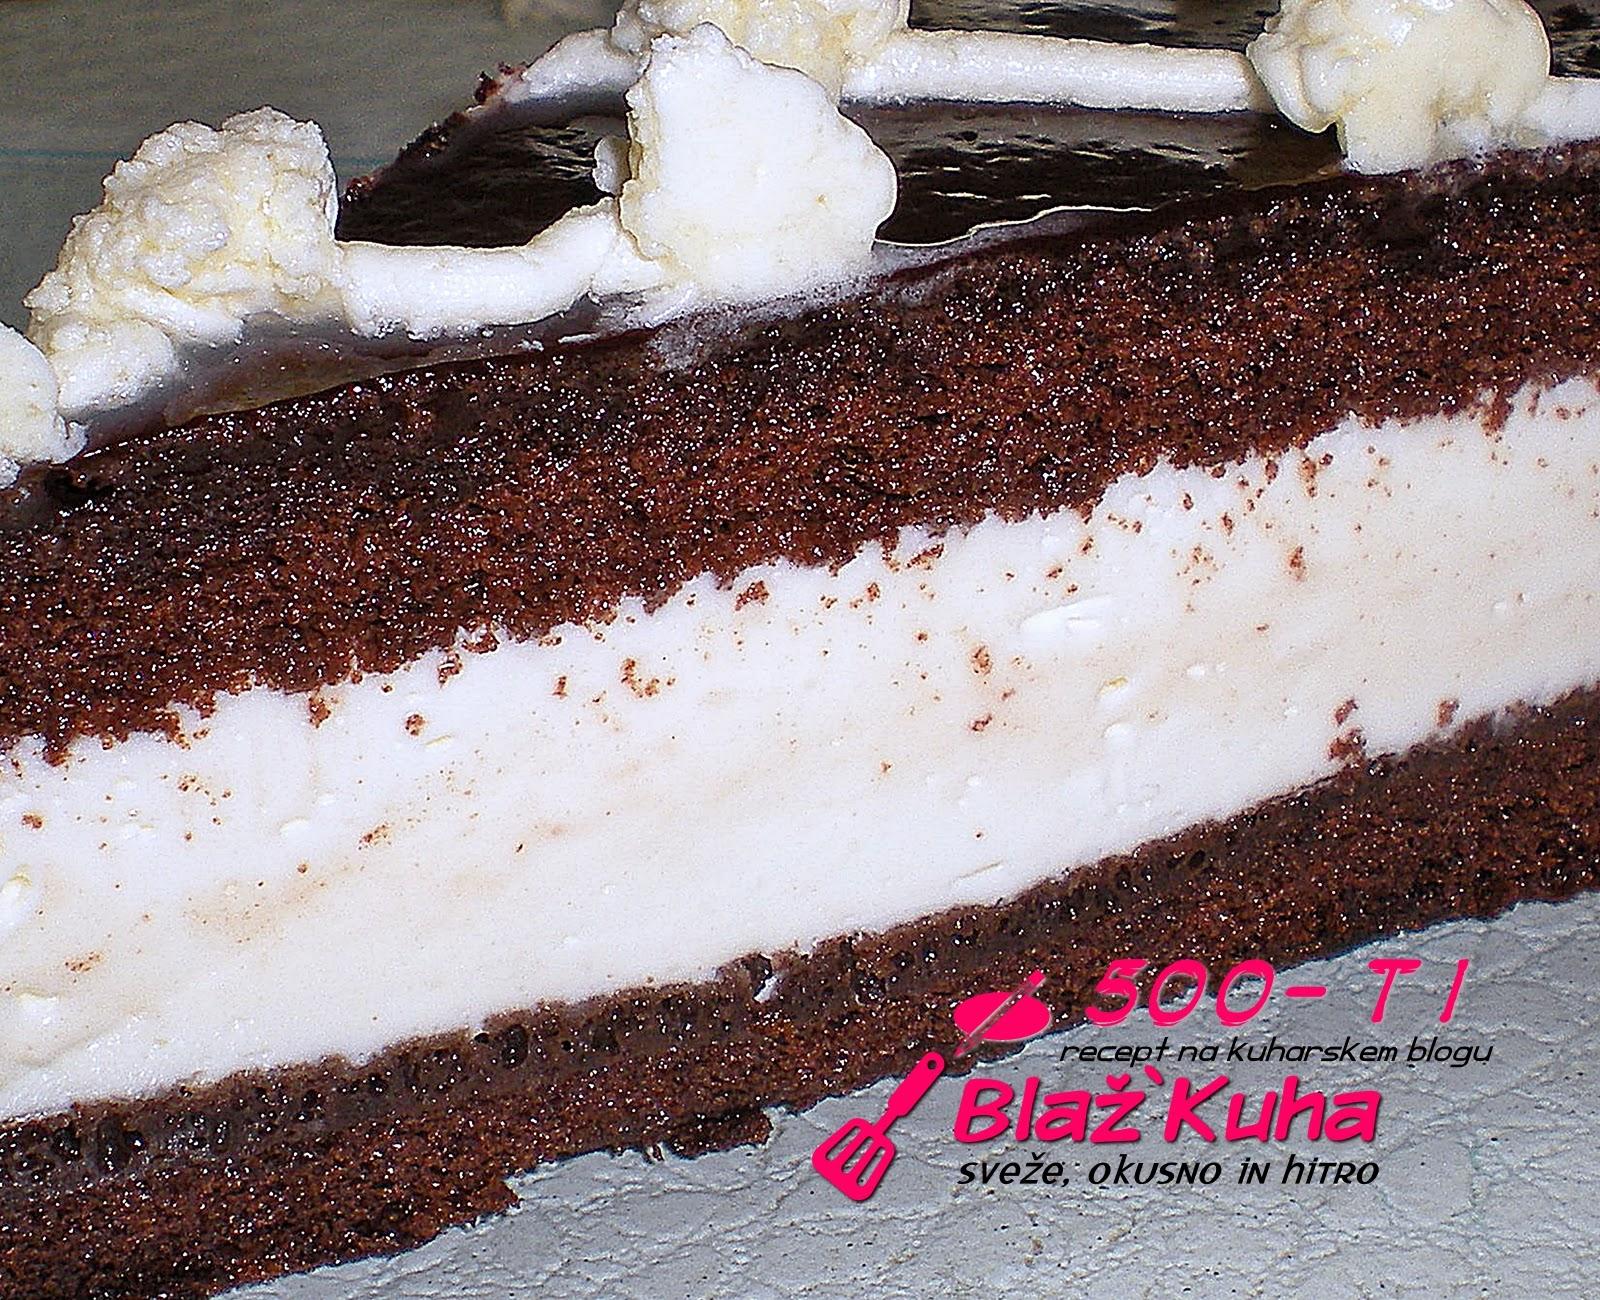 recept torta, recepti torta, biskvit za torto, čokoladni biskvit, kuharski blog, blaž kuha